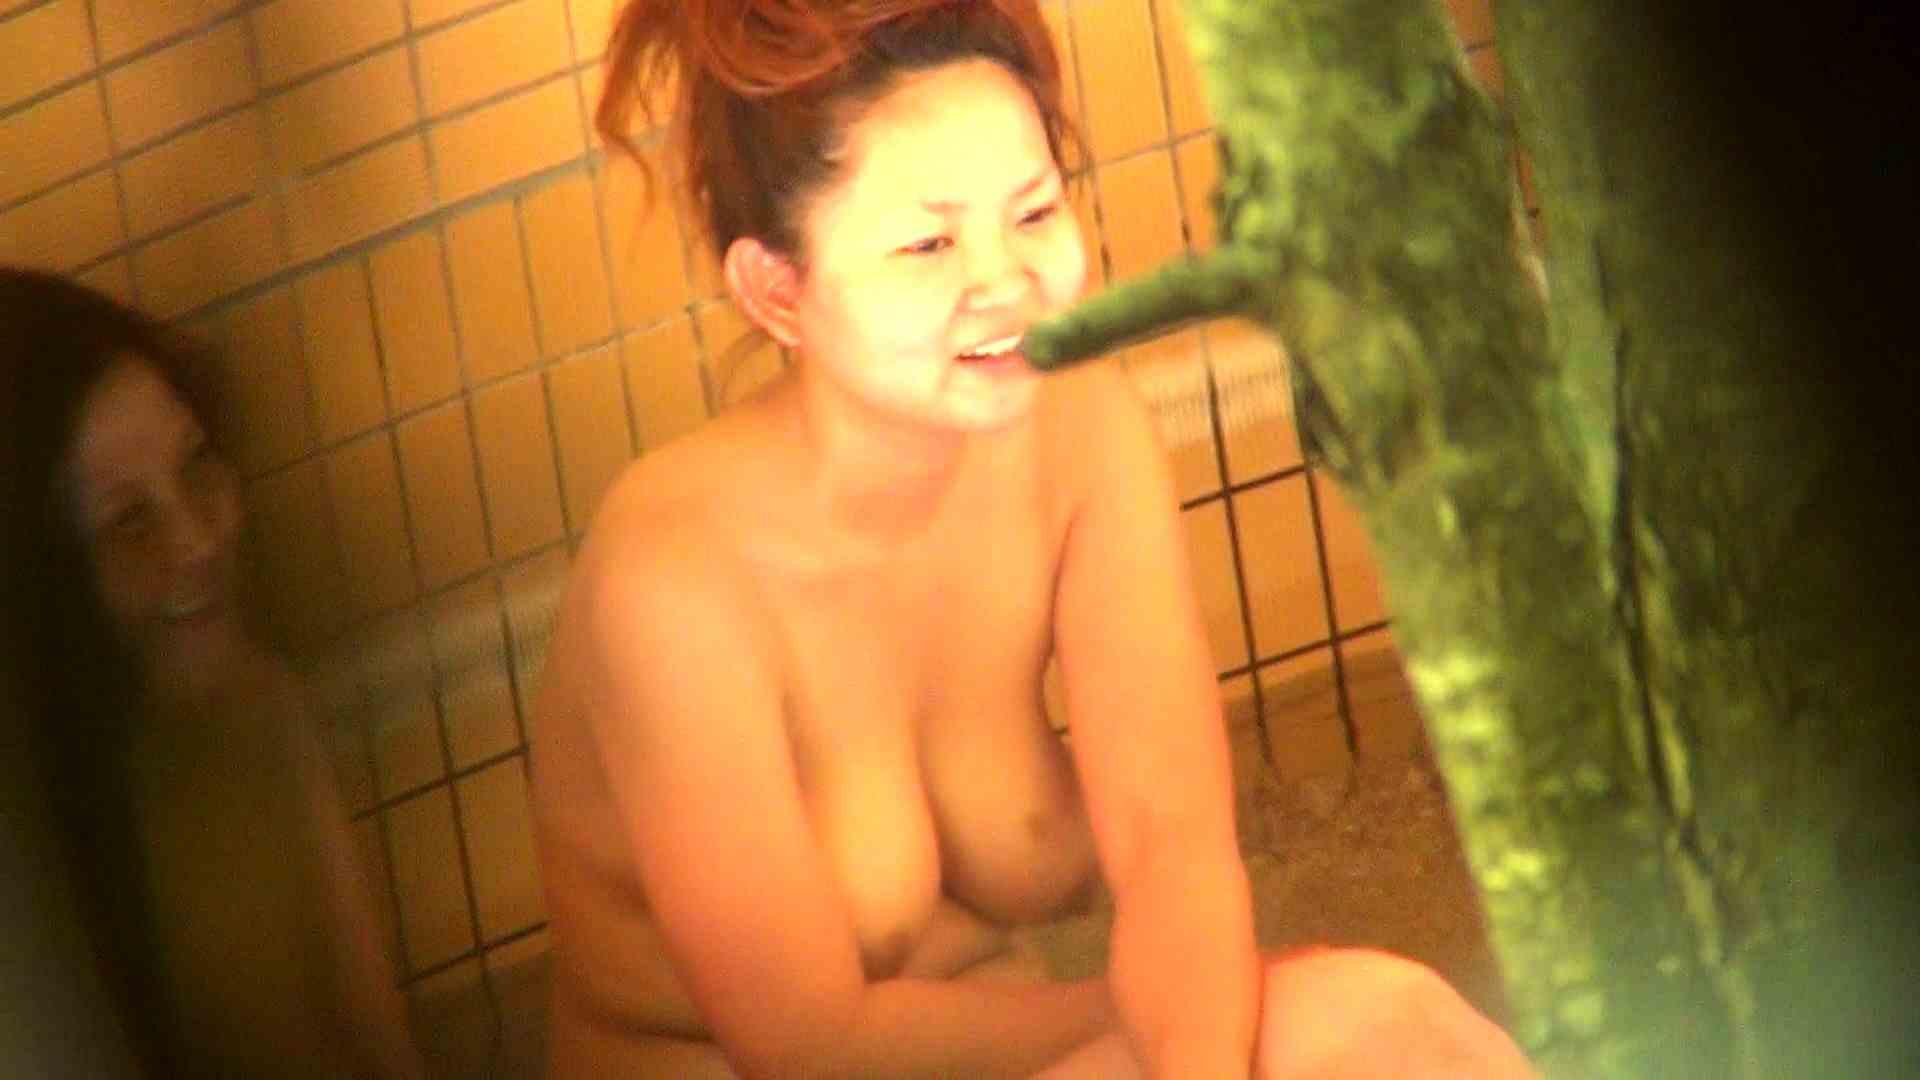 Aquaな露天風呂Vol.267 美しいOLの裸体  104pic 93